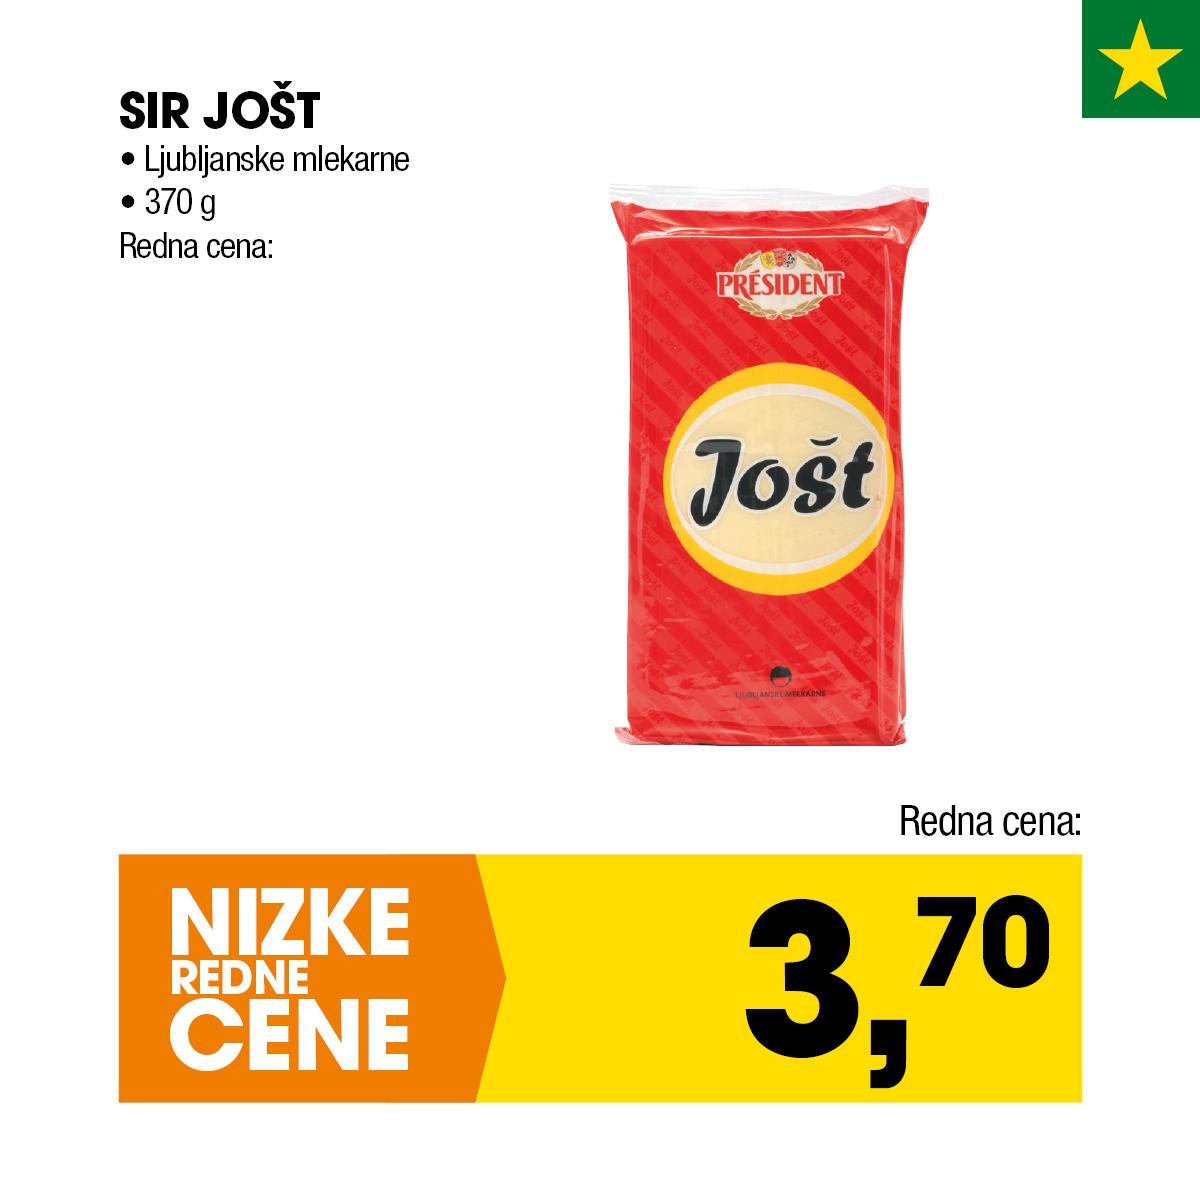 Nizke cene - Sir Jošt